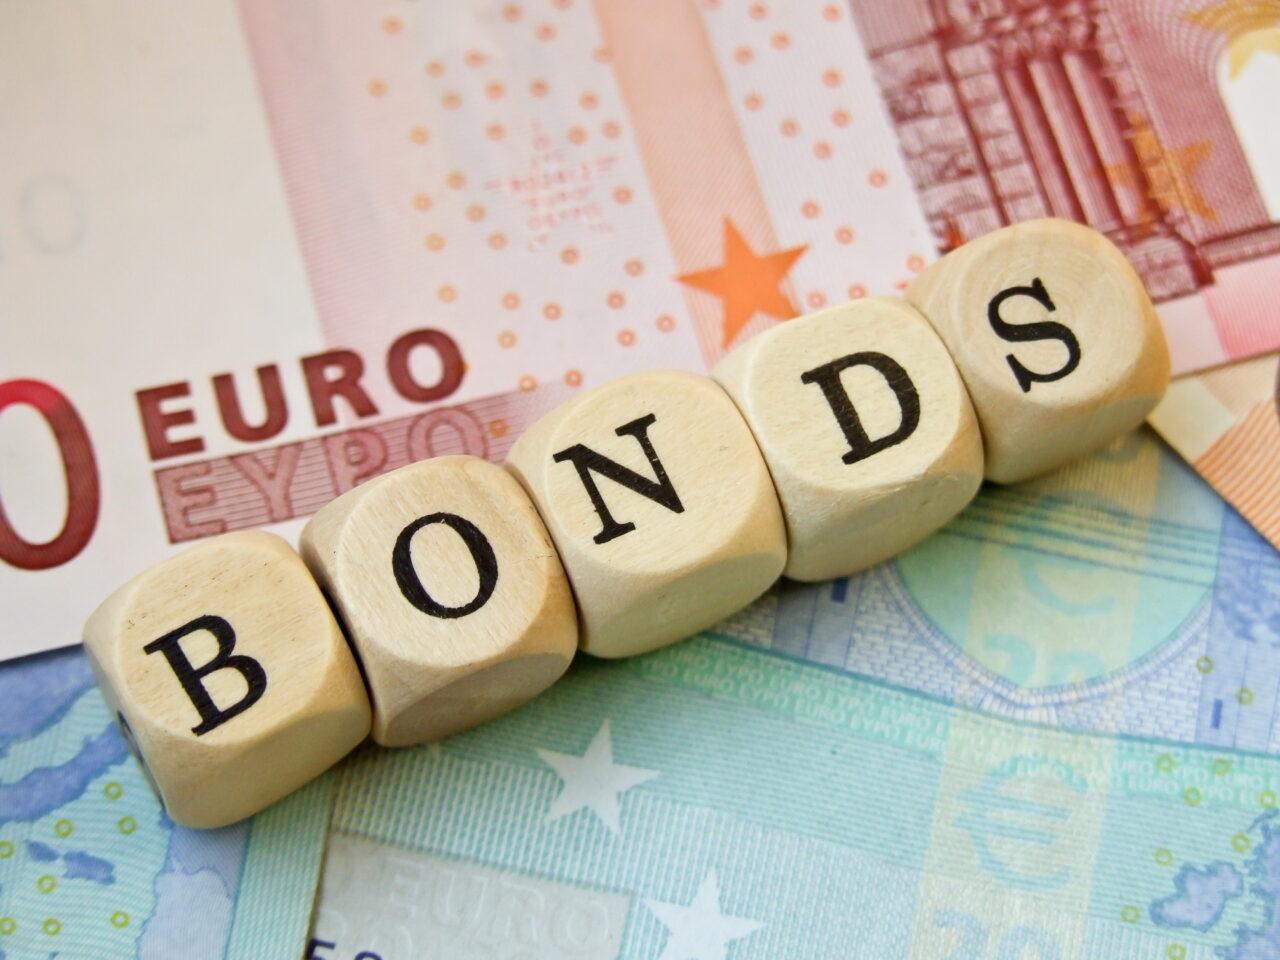 https://intelligent-investors.de/wp-content/uploads/2021/04/Eurobonds_2-1280x960.jpg